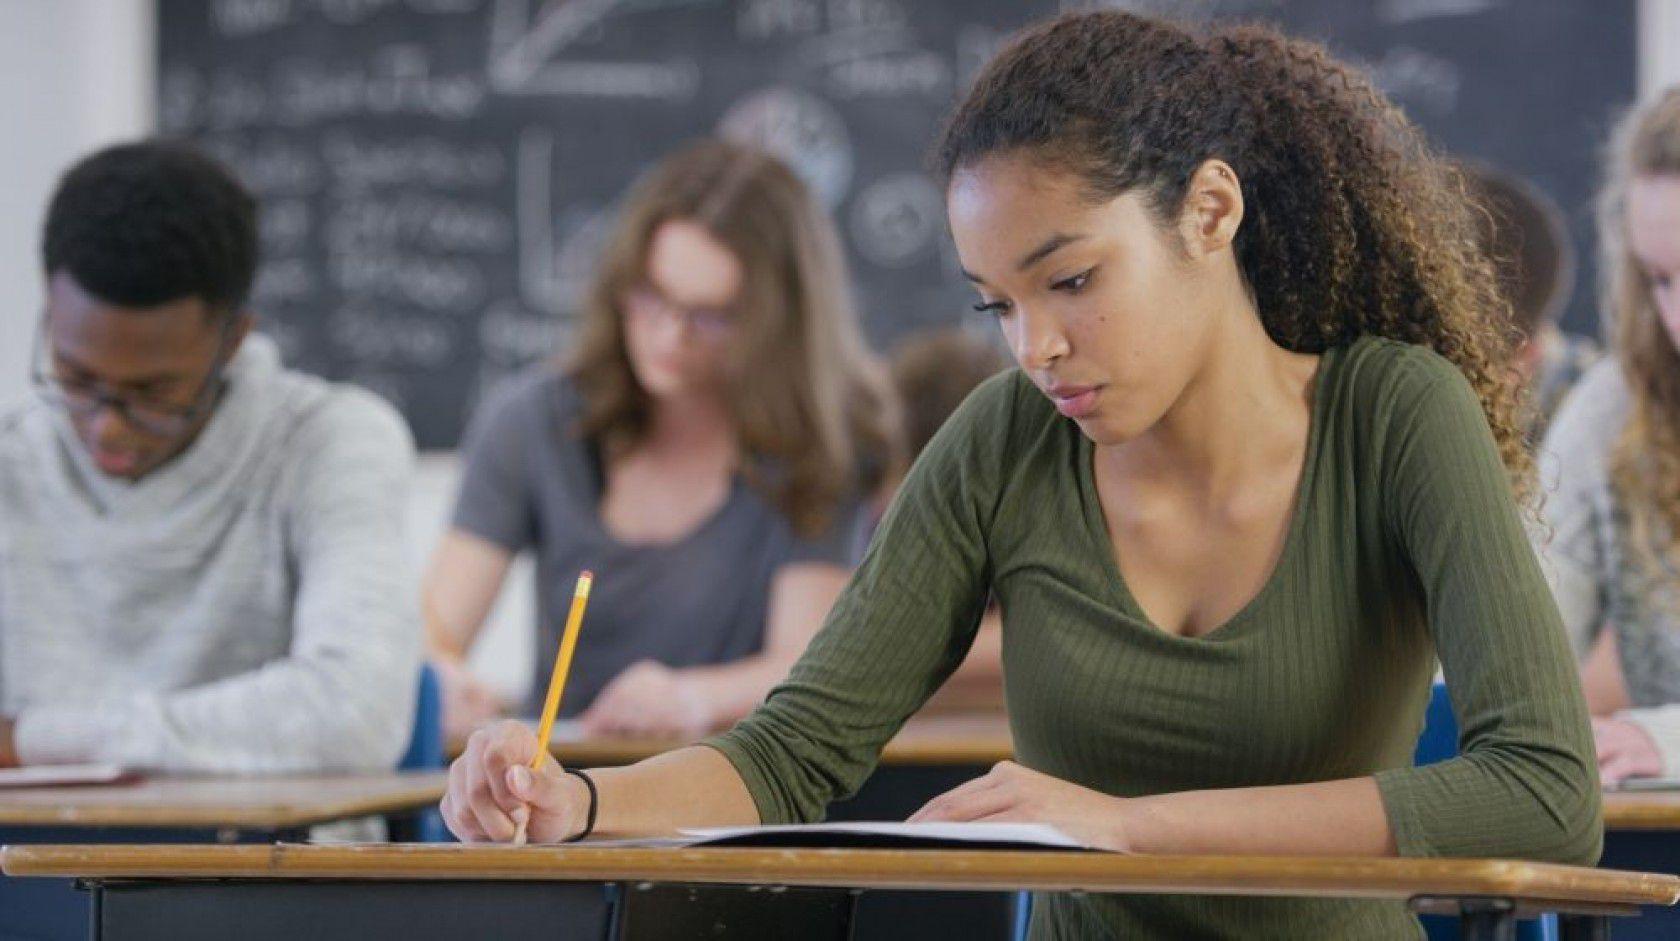 Öğretmenlerin Görüşü ile Amerika'da Lise Eğitimi